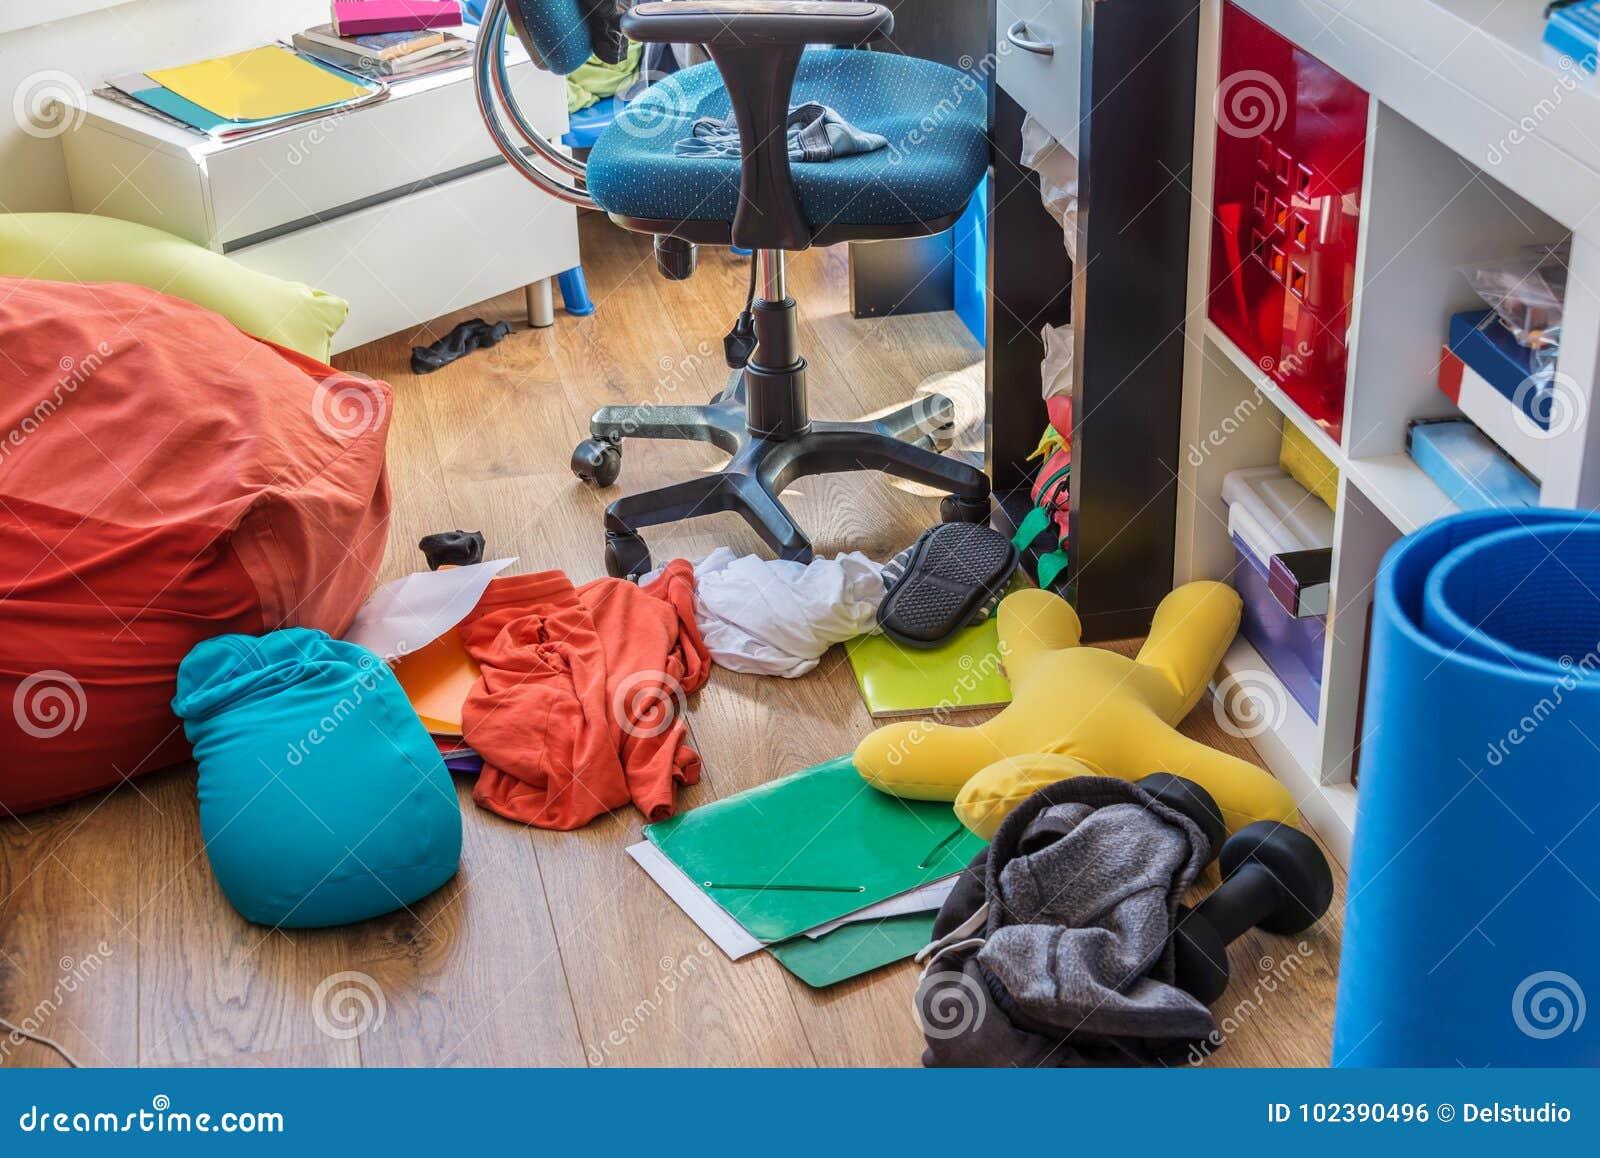 Dormitorio sucio del muchacho con ropa y almohadas en el piso